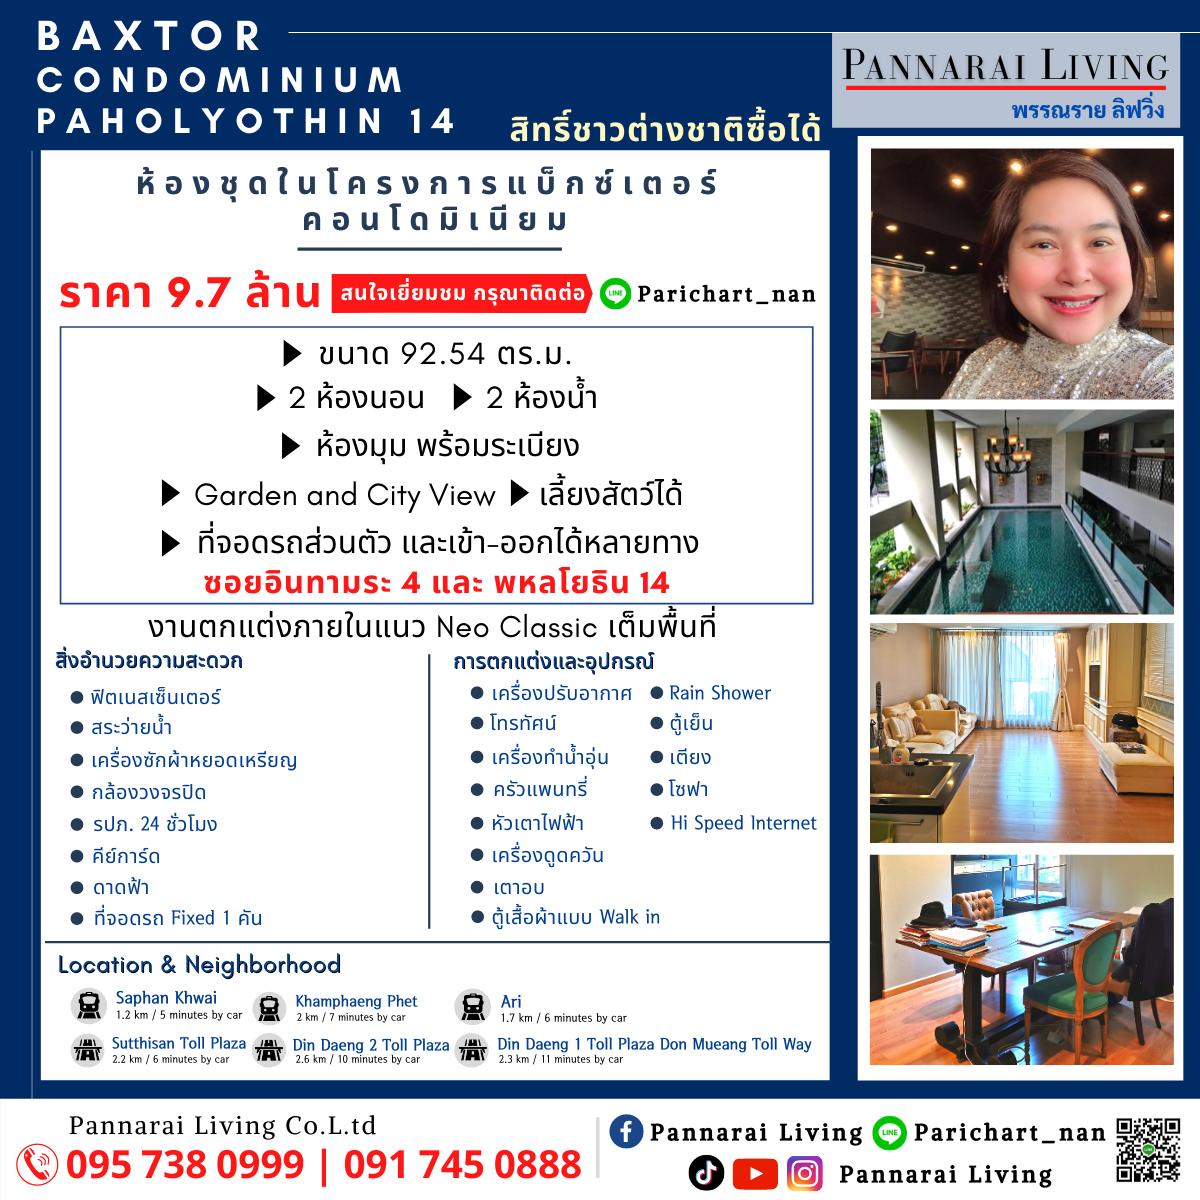 ขาย Luxury Condominium Baxtor พหลโยธิน 14 ใกล้ BTS